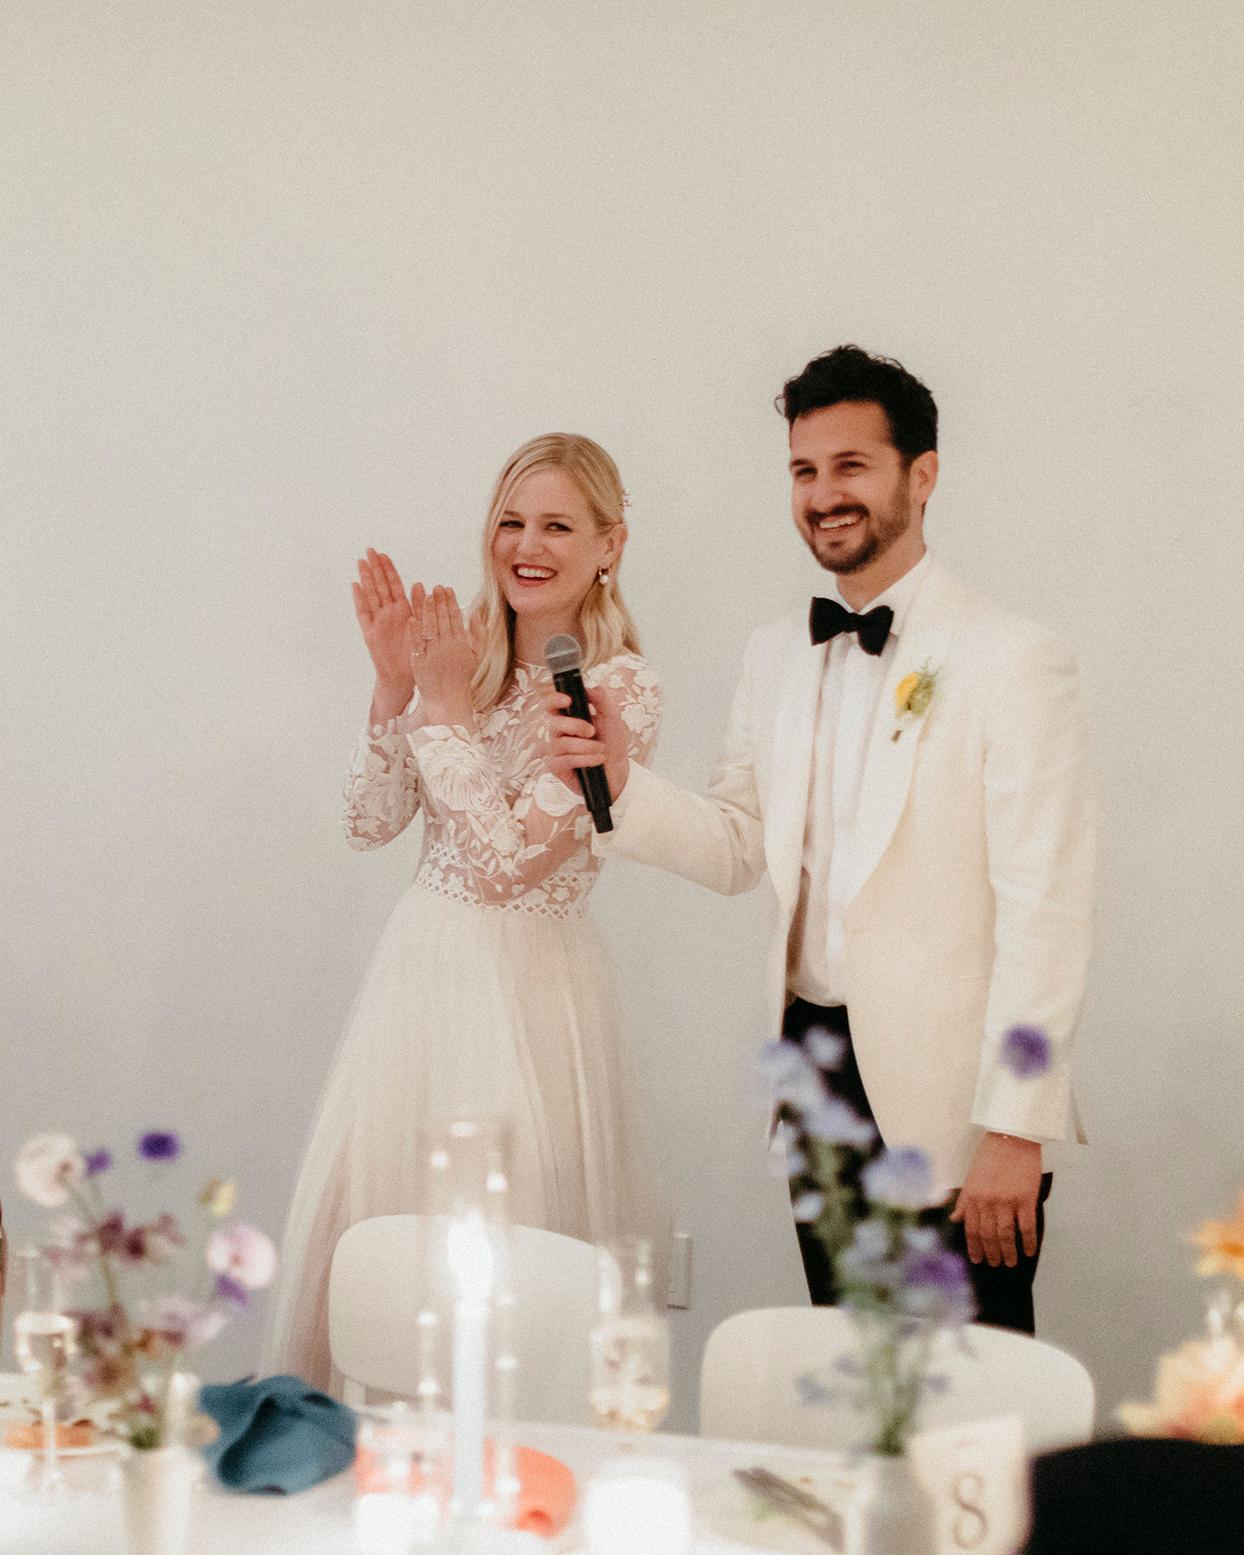 kristen jonathan wedding toast couple